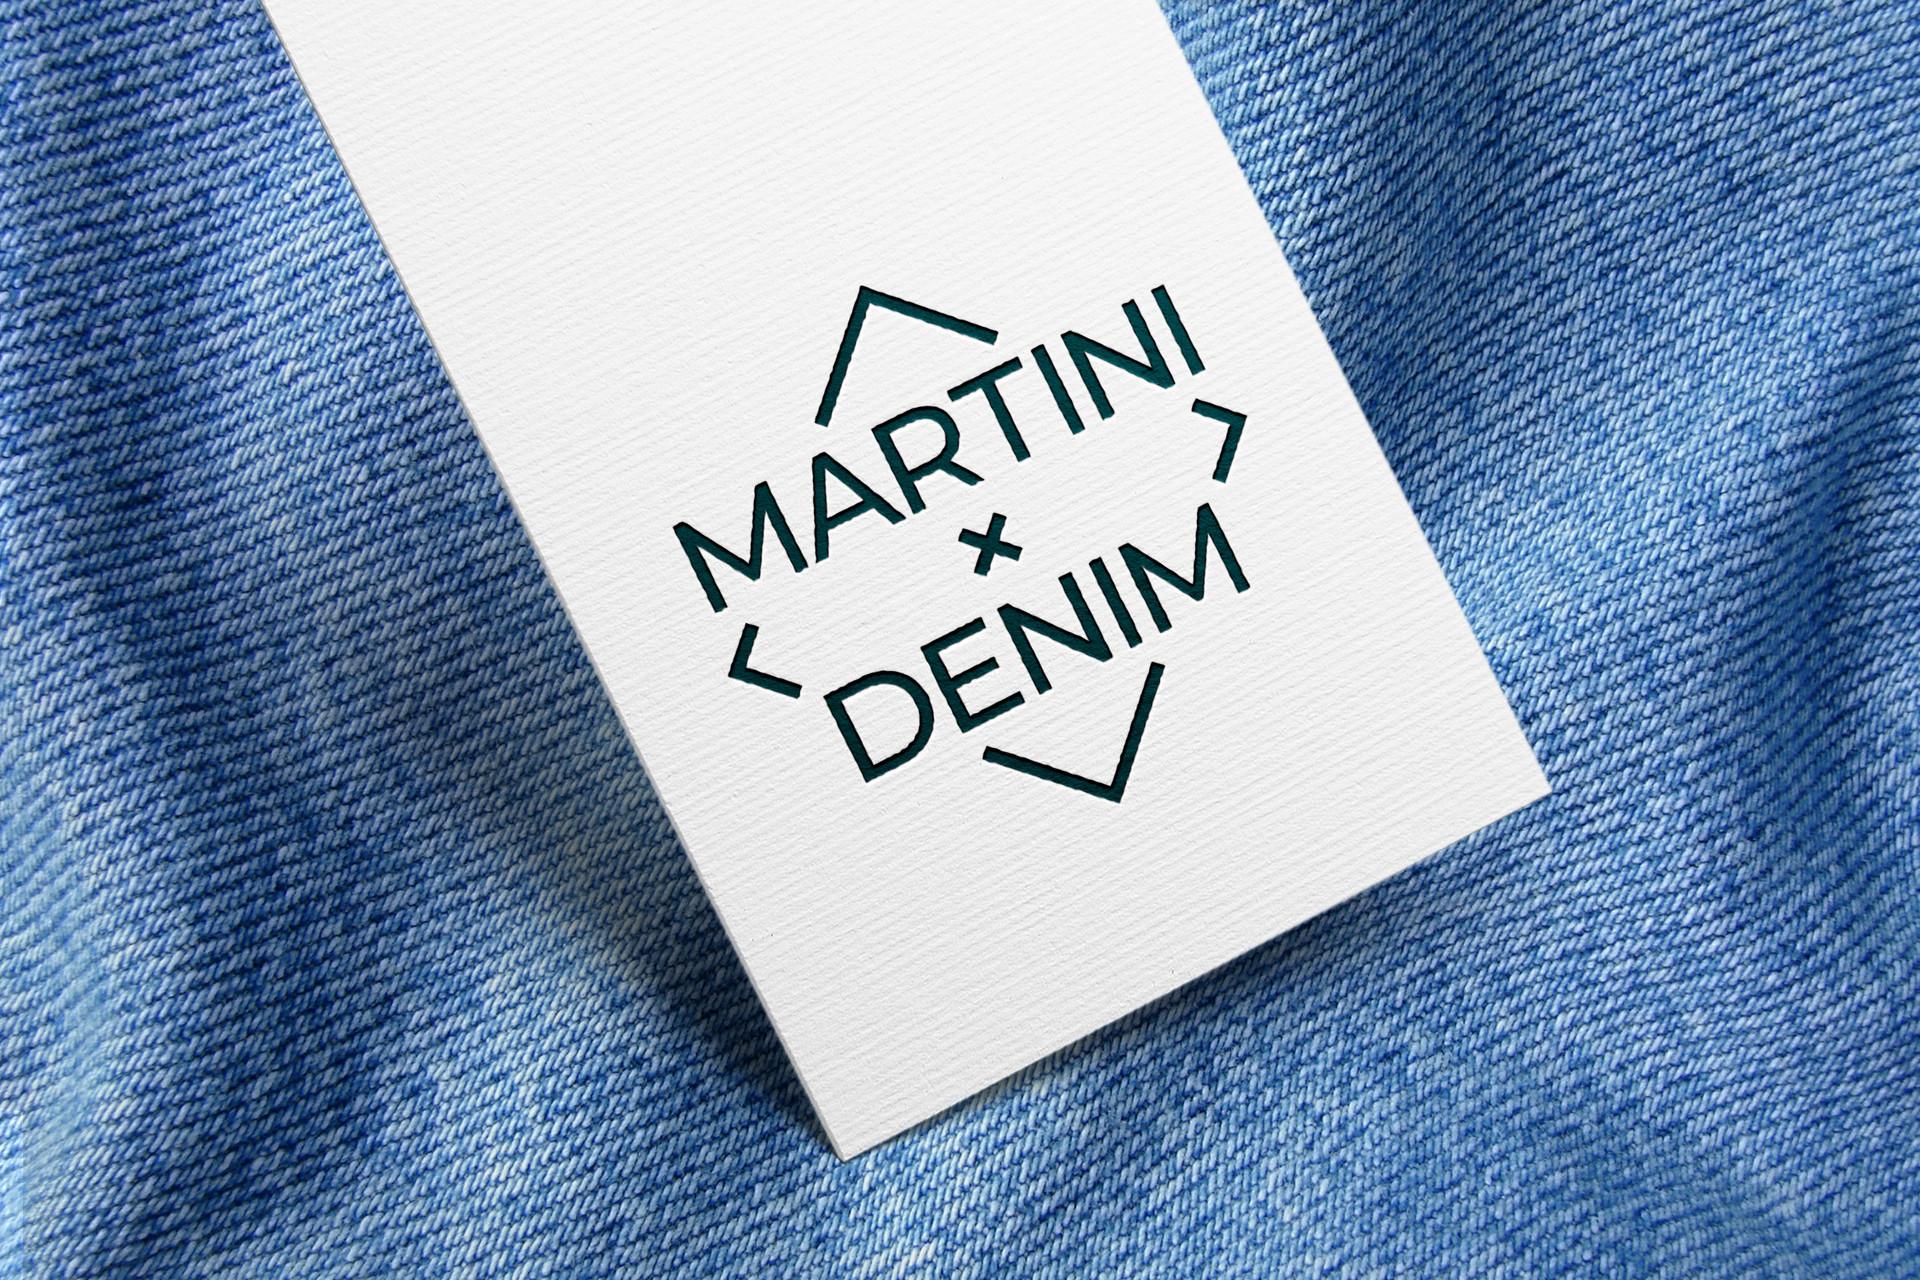 Martini Denim USA